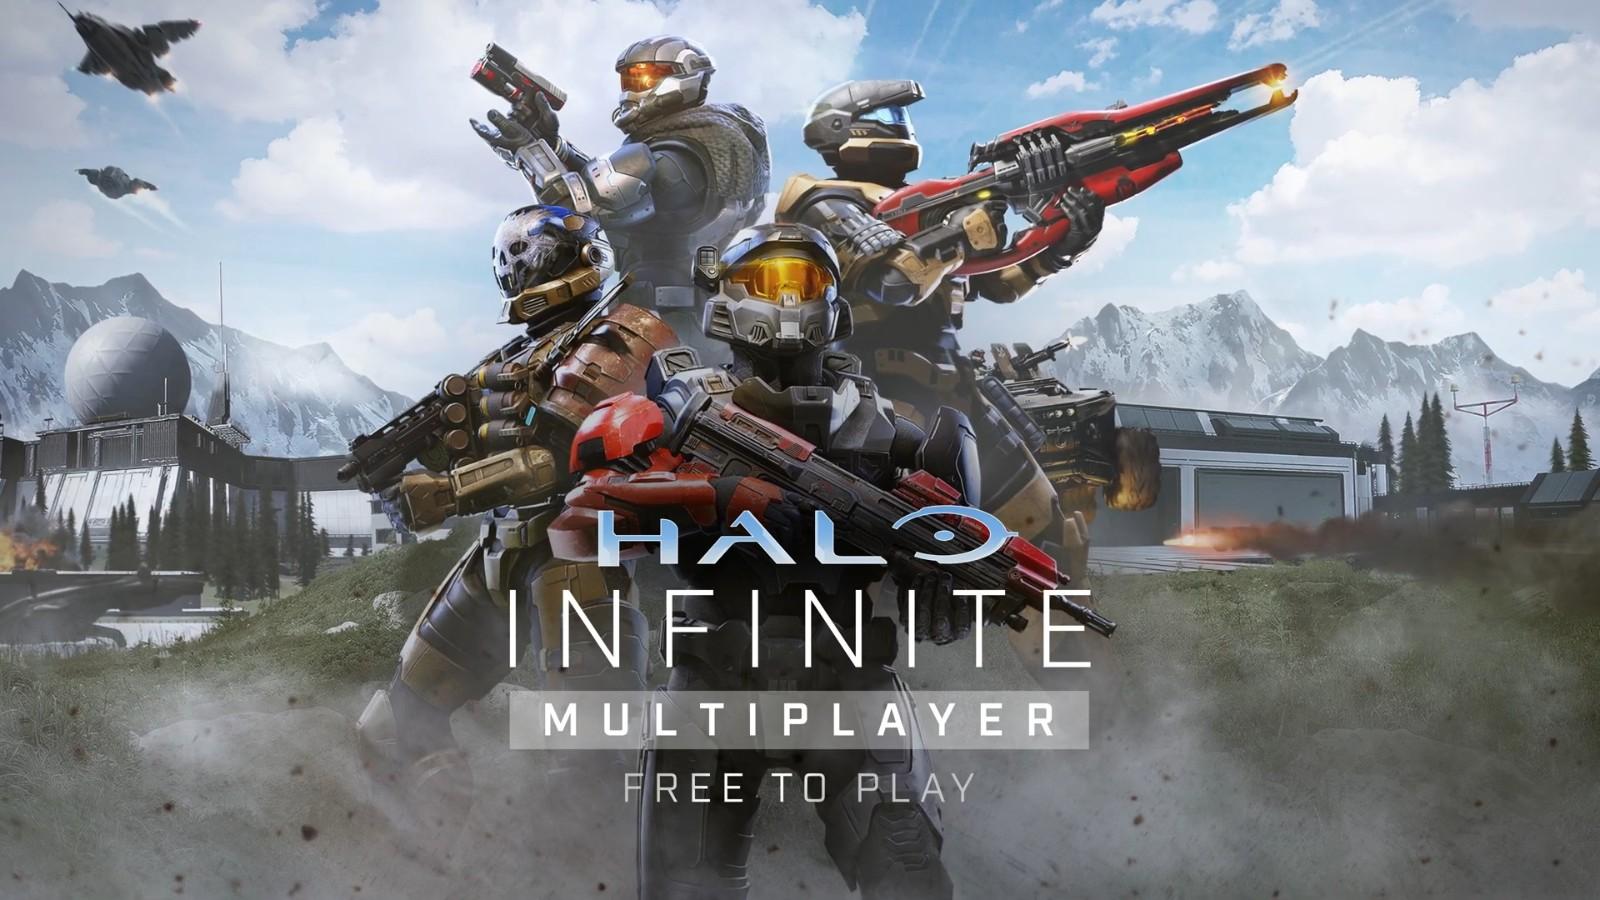 《光环:无限》公布多人模式介绍视频 于今冬免费推出 游戏资讯 第1张